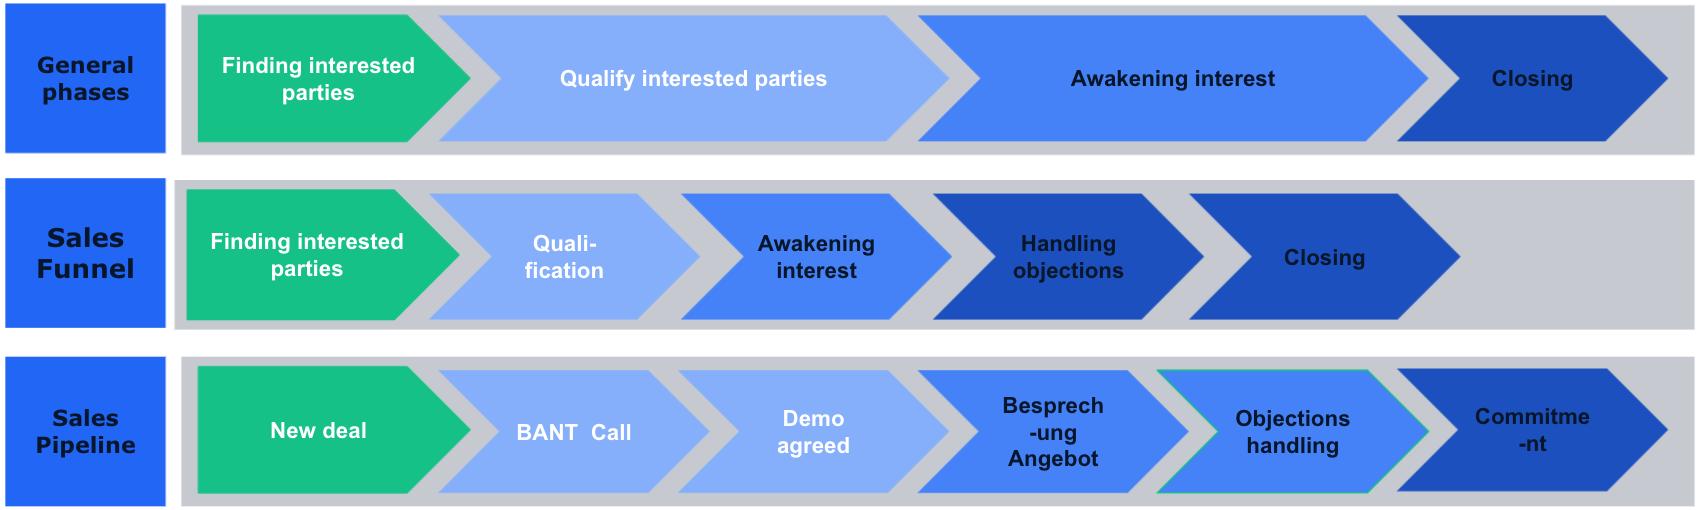 Ein Diagramm, das die verschiedenen Phasen der Erstellung einer Sales PIpeline zeigt